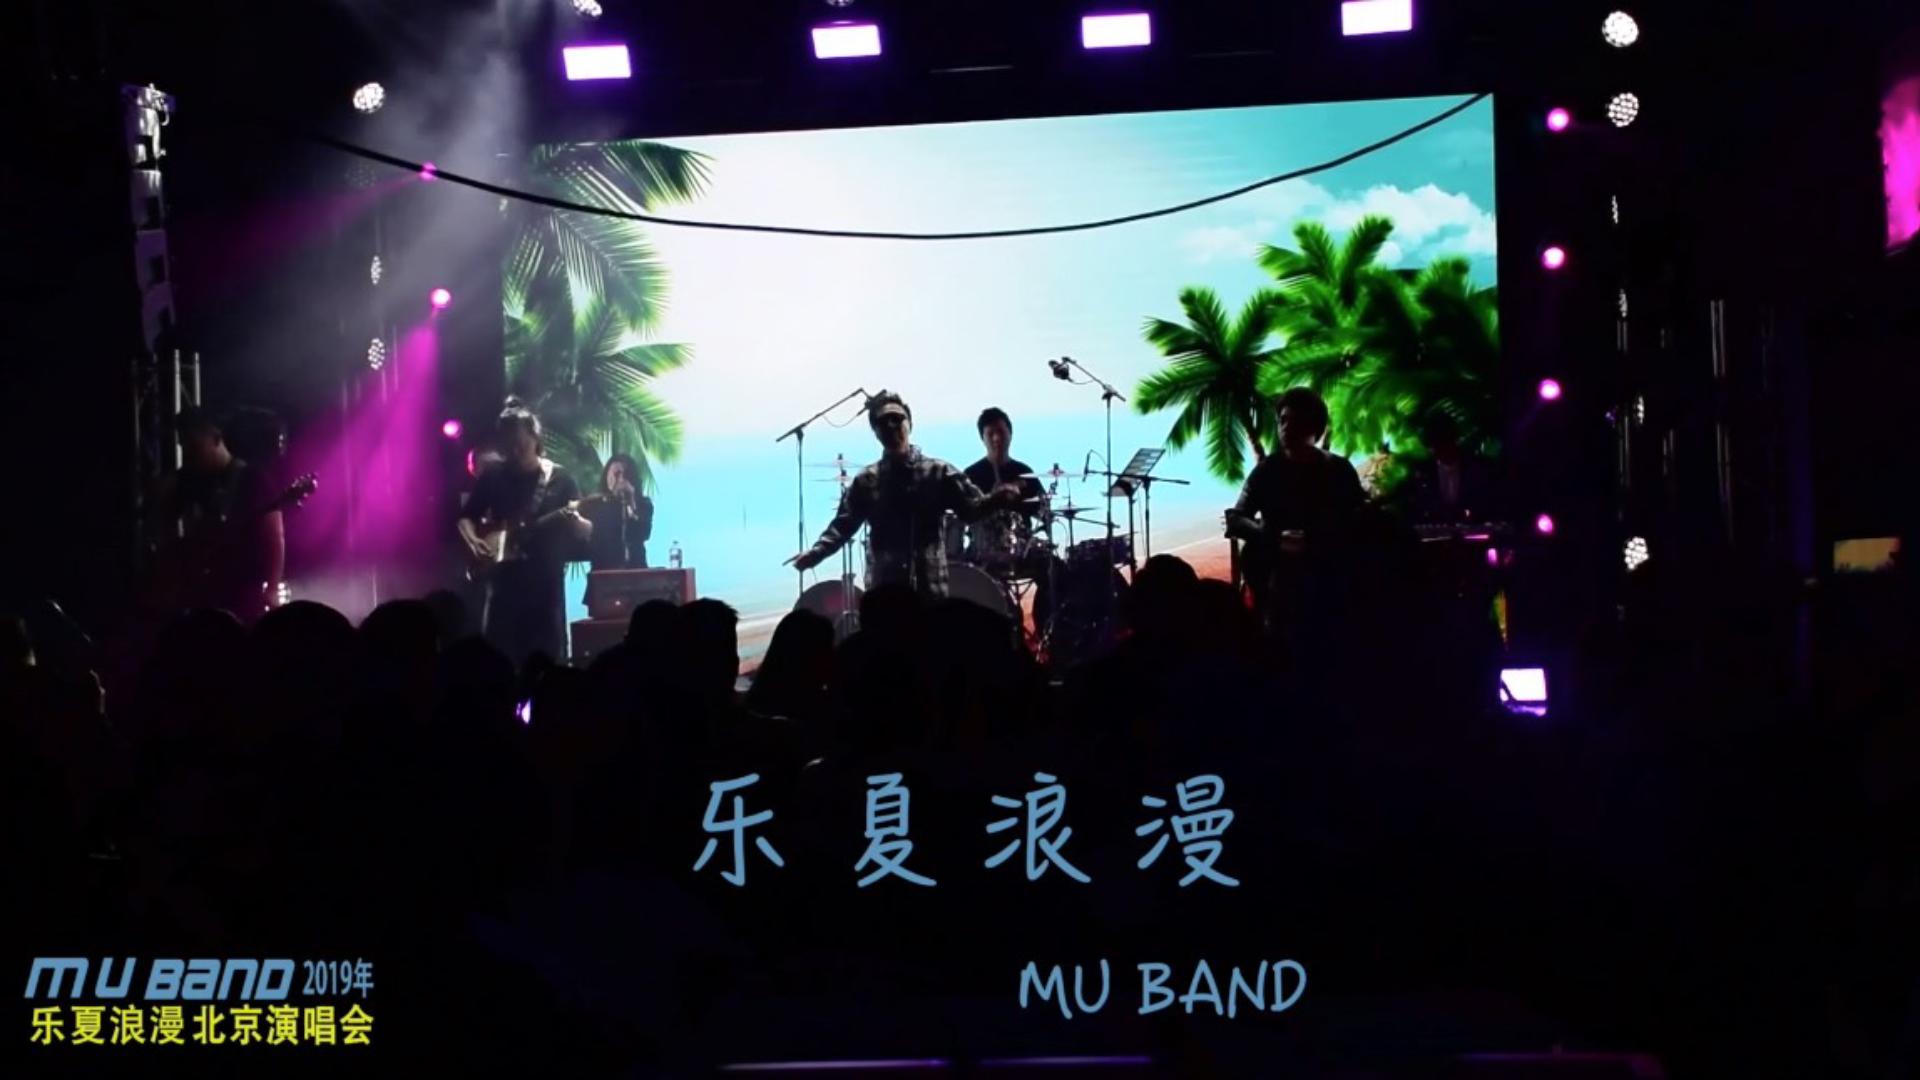 MU BAND《乐夏浪漫》(2019年乐夏浪漫北京演唱会)